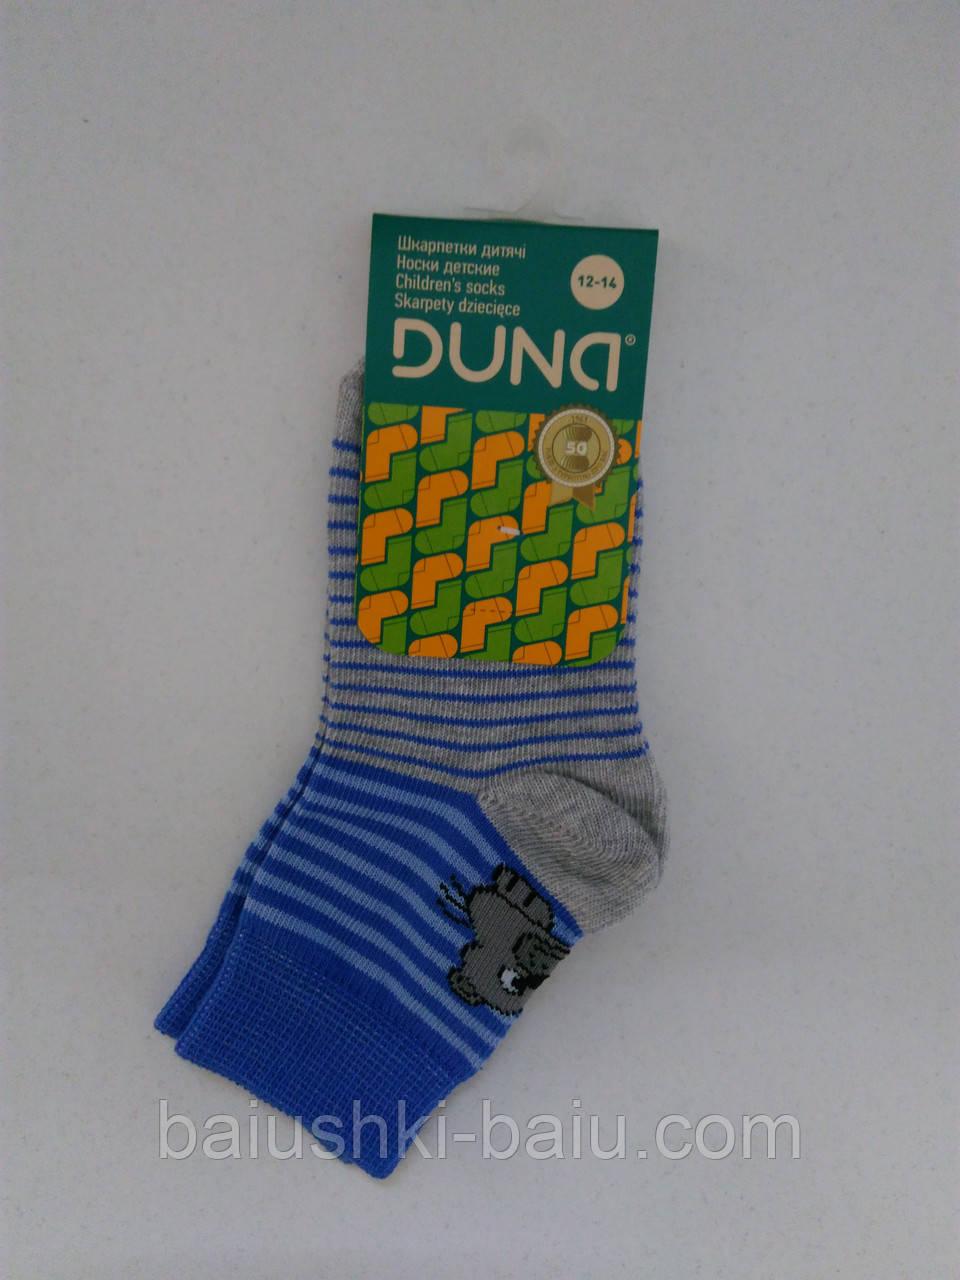 Детские носки для мальчика, р. 12-14